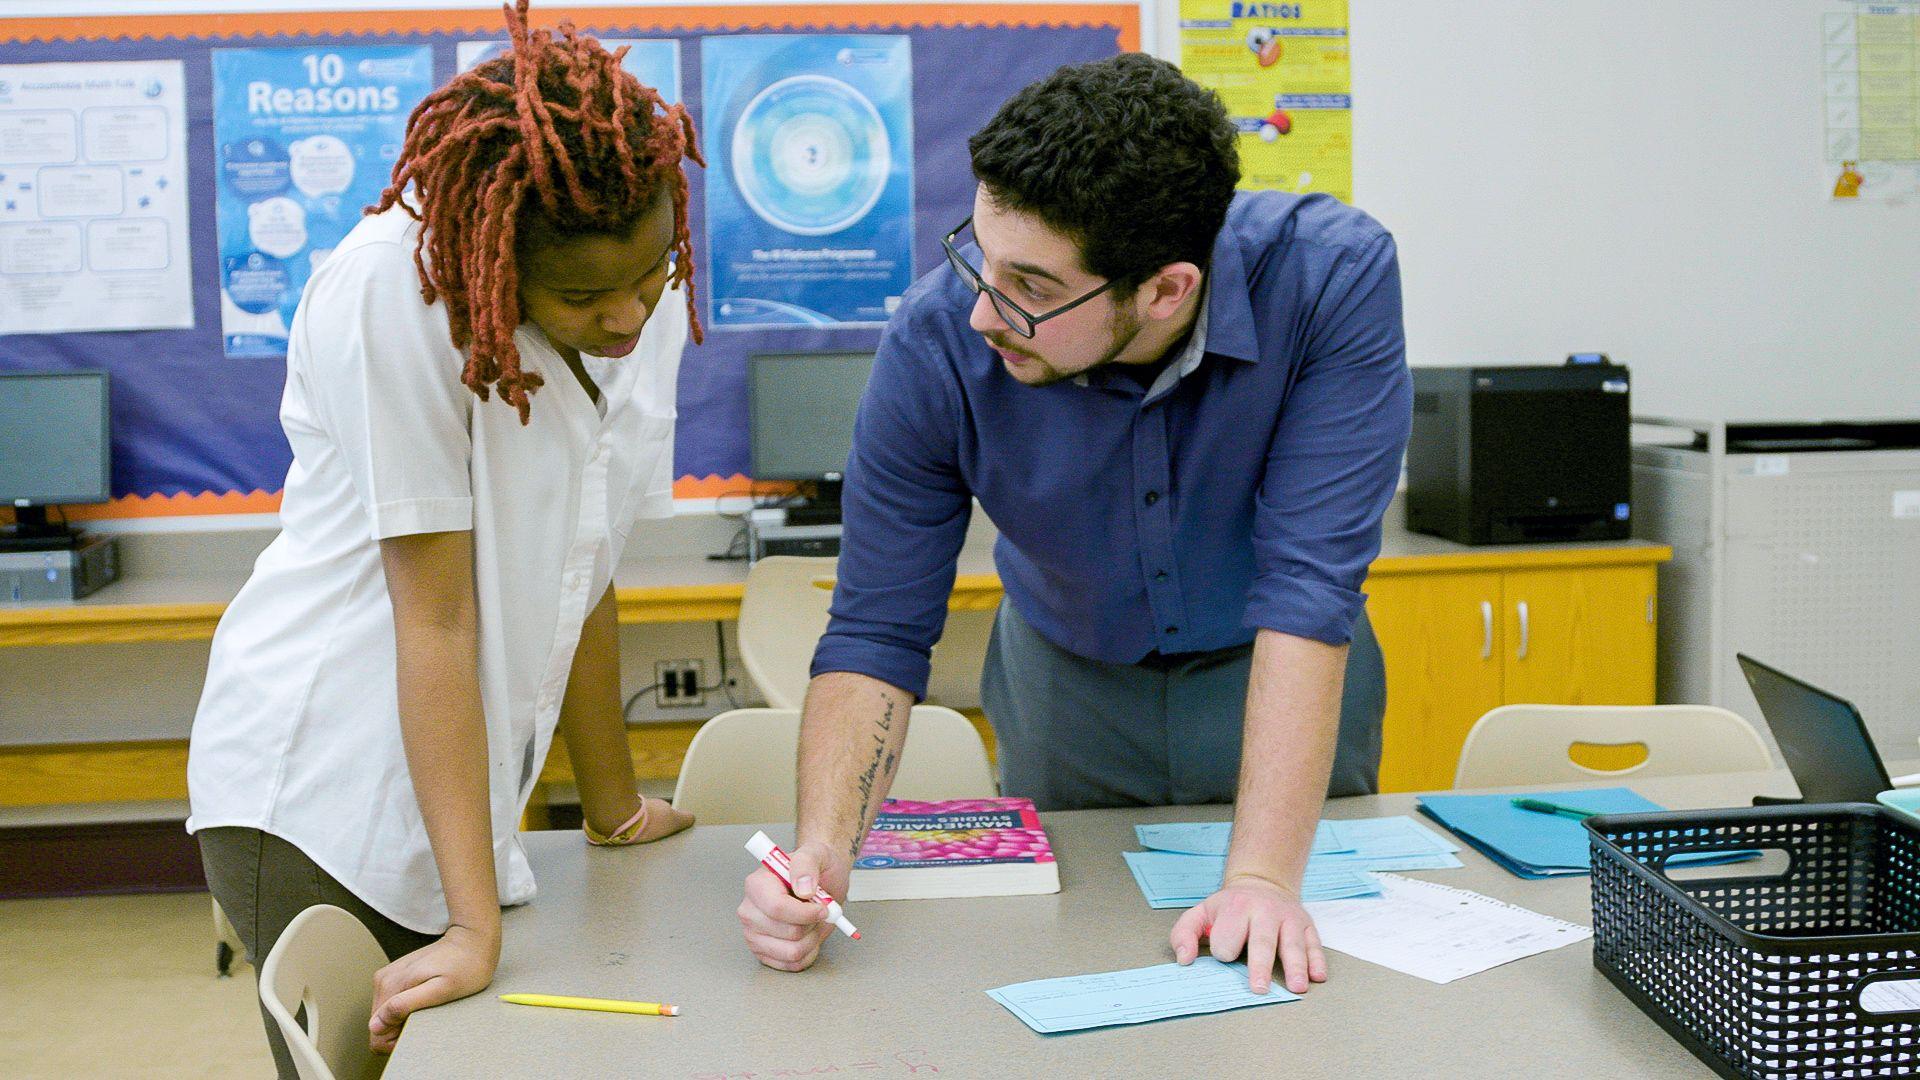 Blended Learning Built on Teacher Expertise